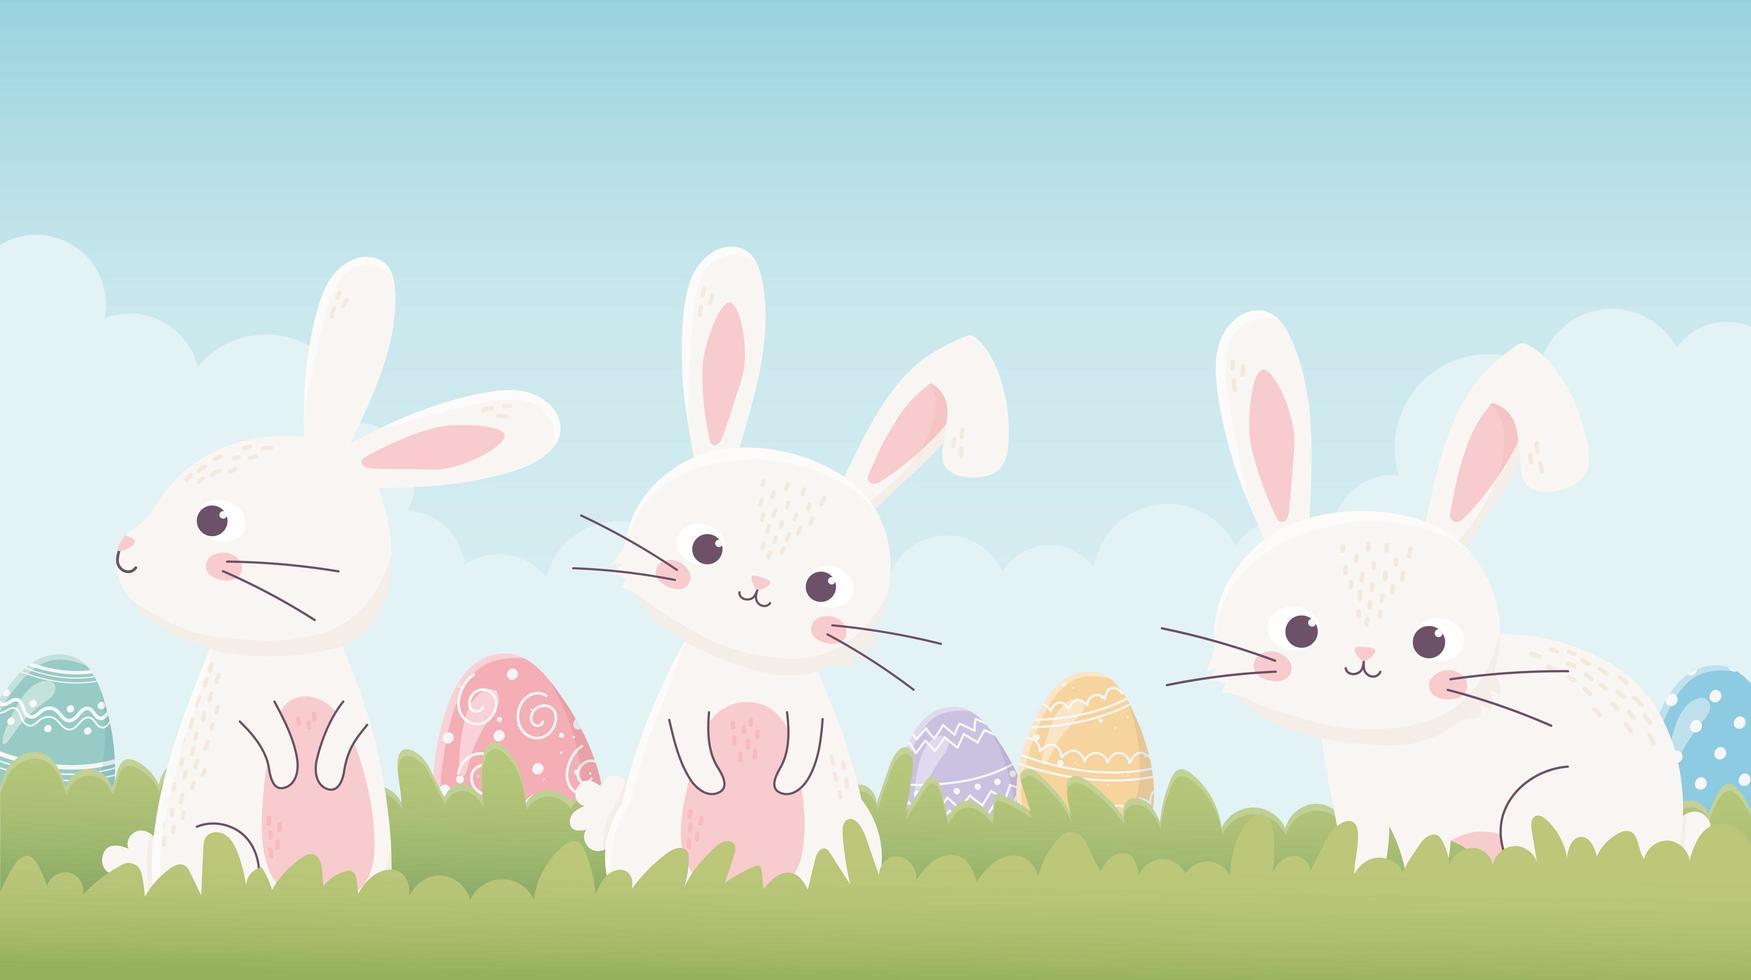 lindos conejitos y huevos para la celebración de pascua vector